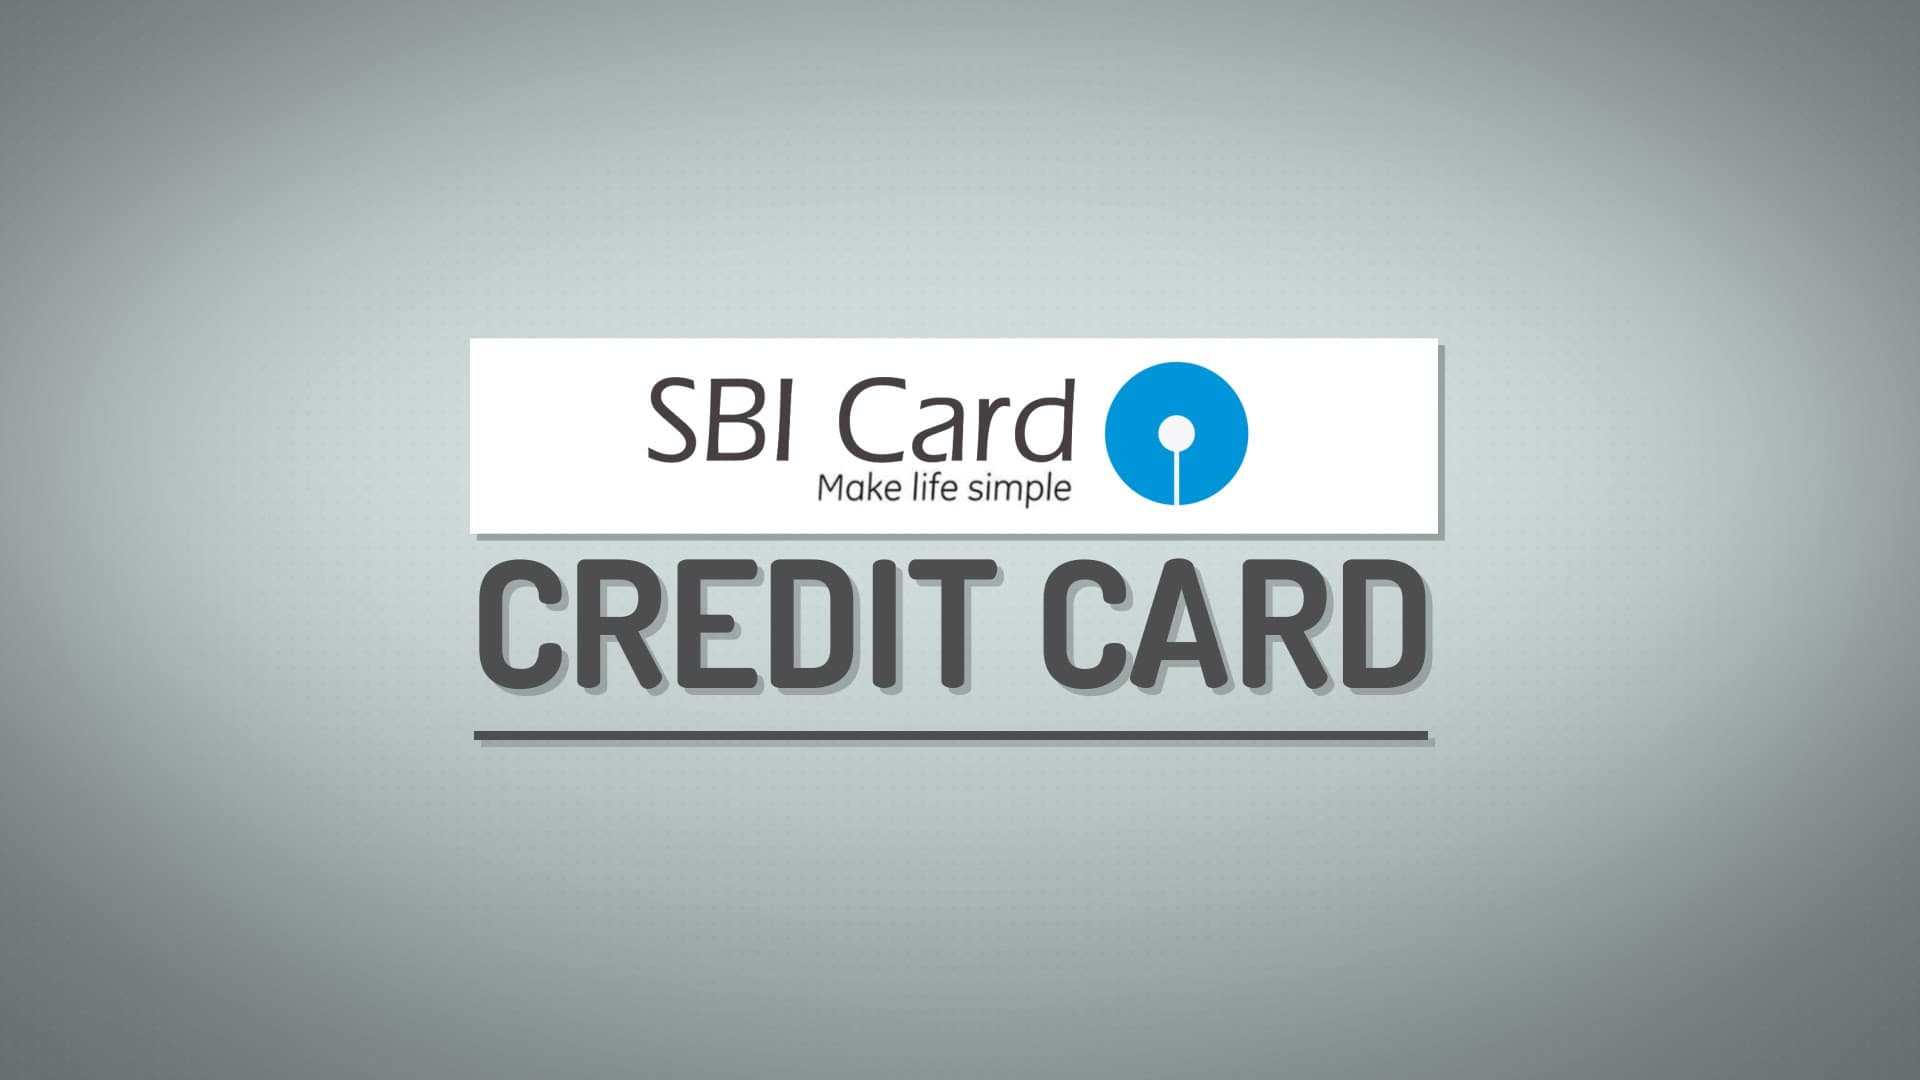 SBI credit Card